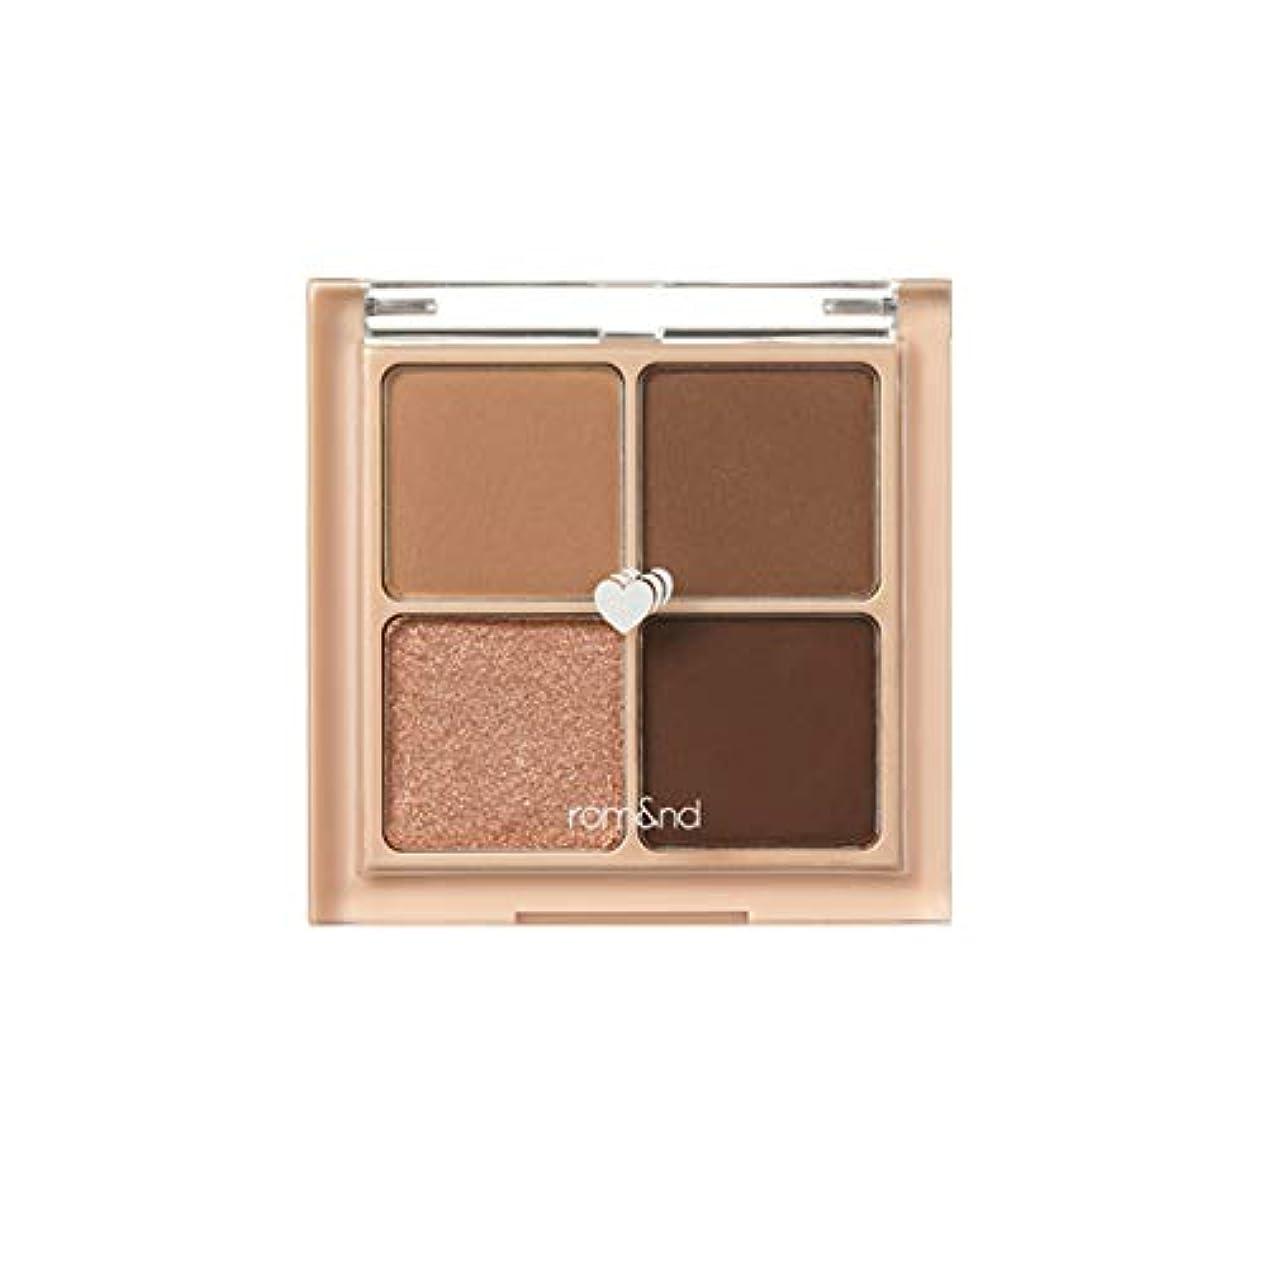 マーティフィールディング信頼統計的rom&nd BETTER THAN EYES Eyeshadow Palette 4色のアイシャドウパレット # 3 DRY ragras(並行輸入品)